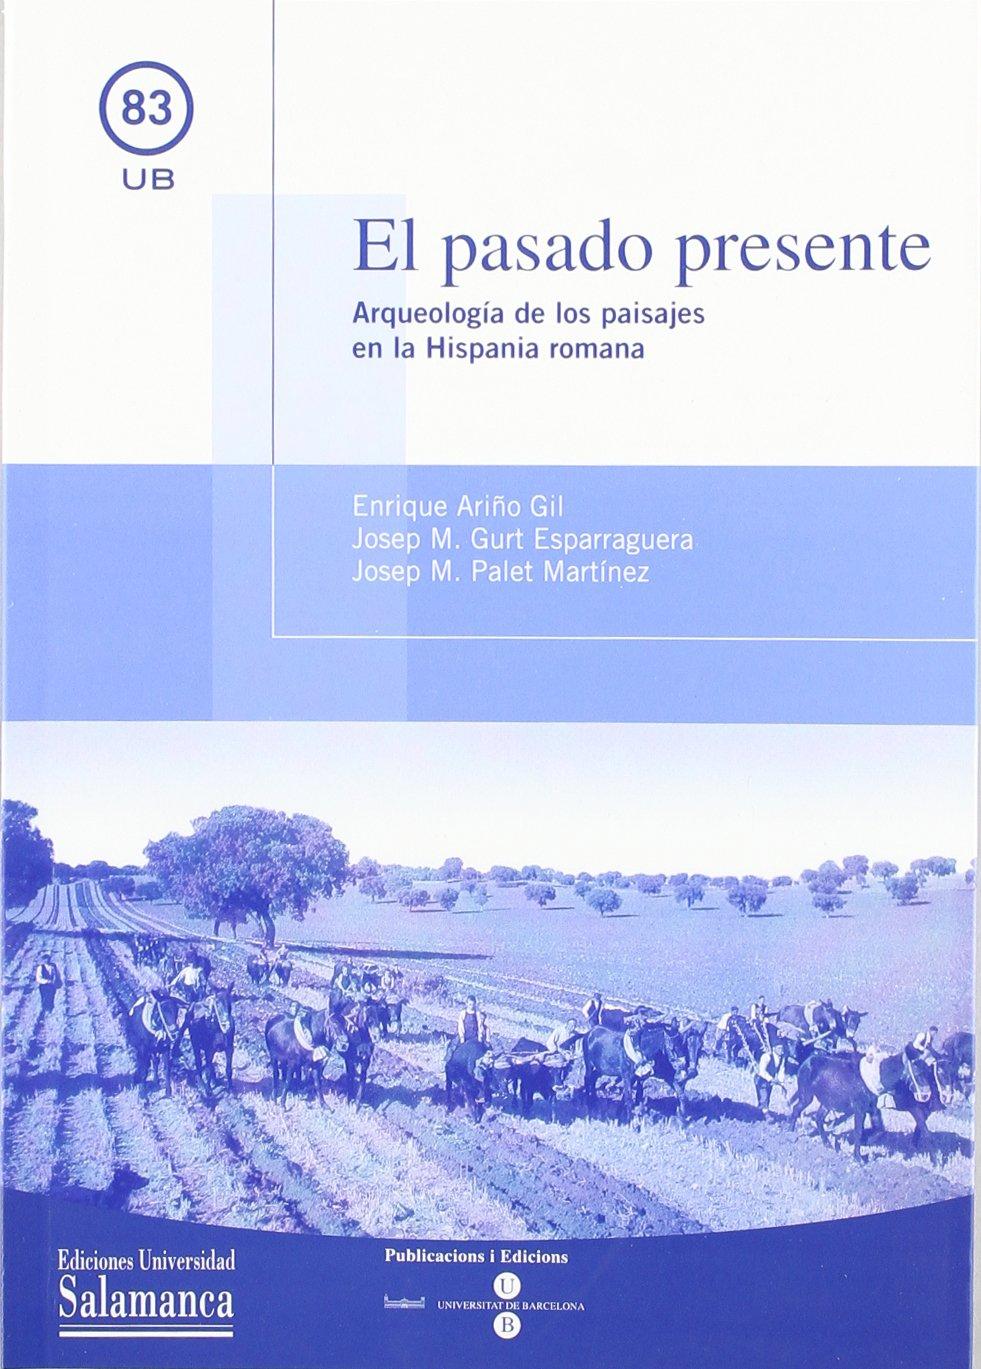 El pasado presente. Arqueología de los paisajes en la Hispania romana UB: Amazon.es: Ariño Gil, Enrique, Palet i Martinez, J. M., Gurt i Esparraguera, J.M.: Libros